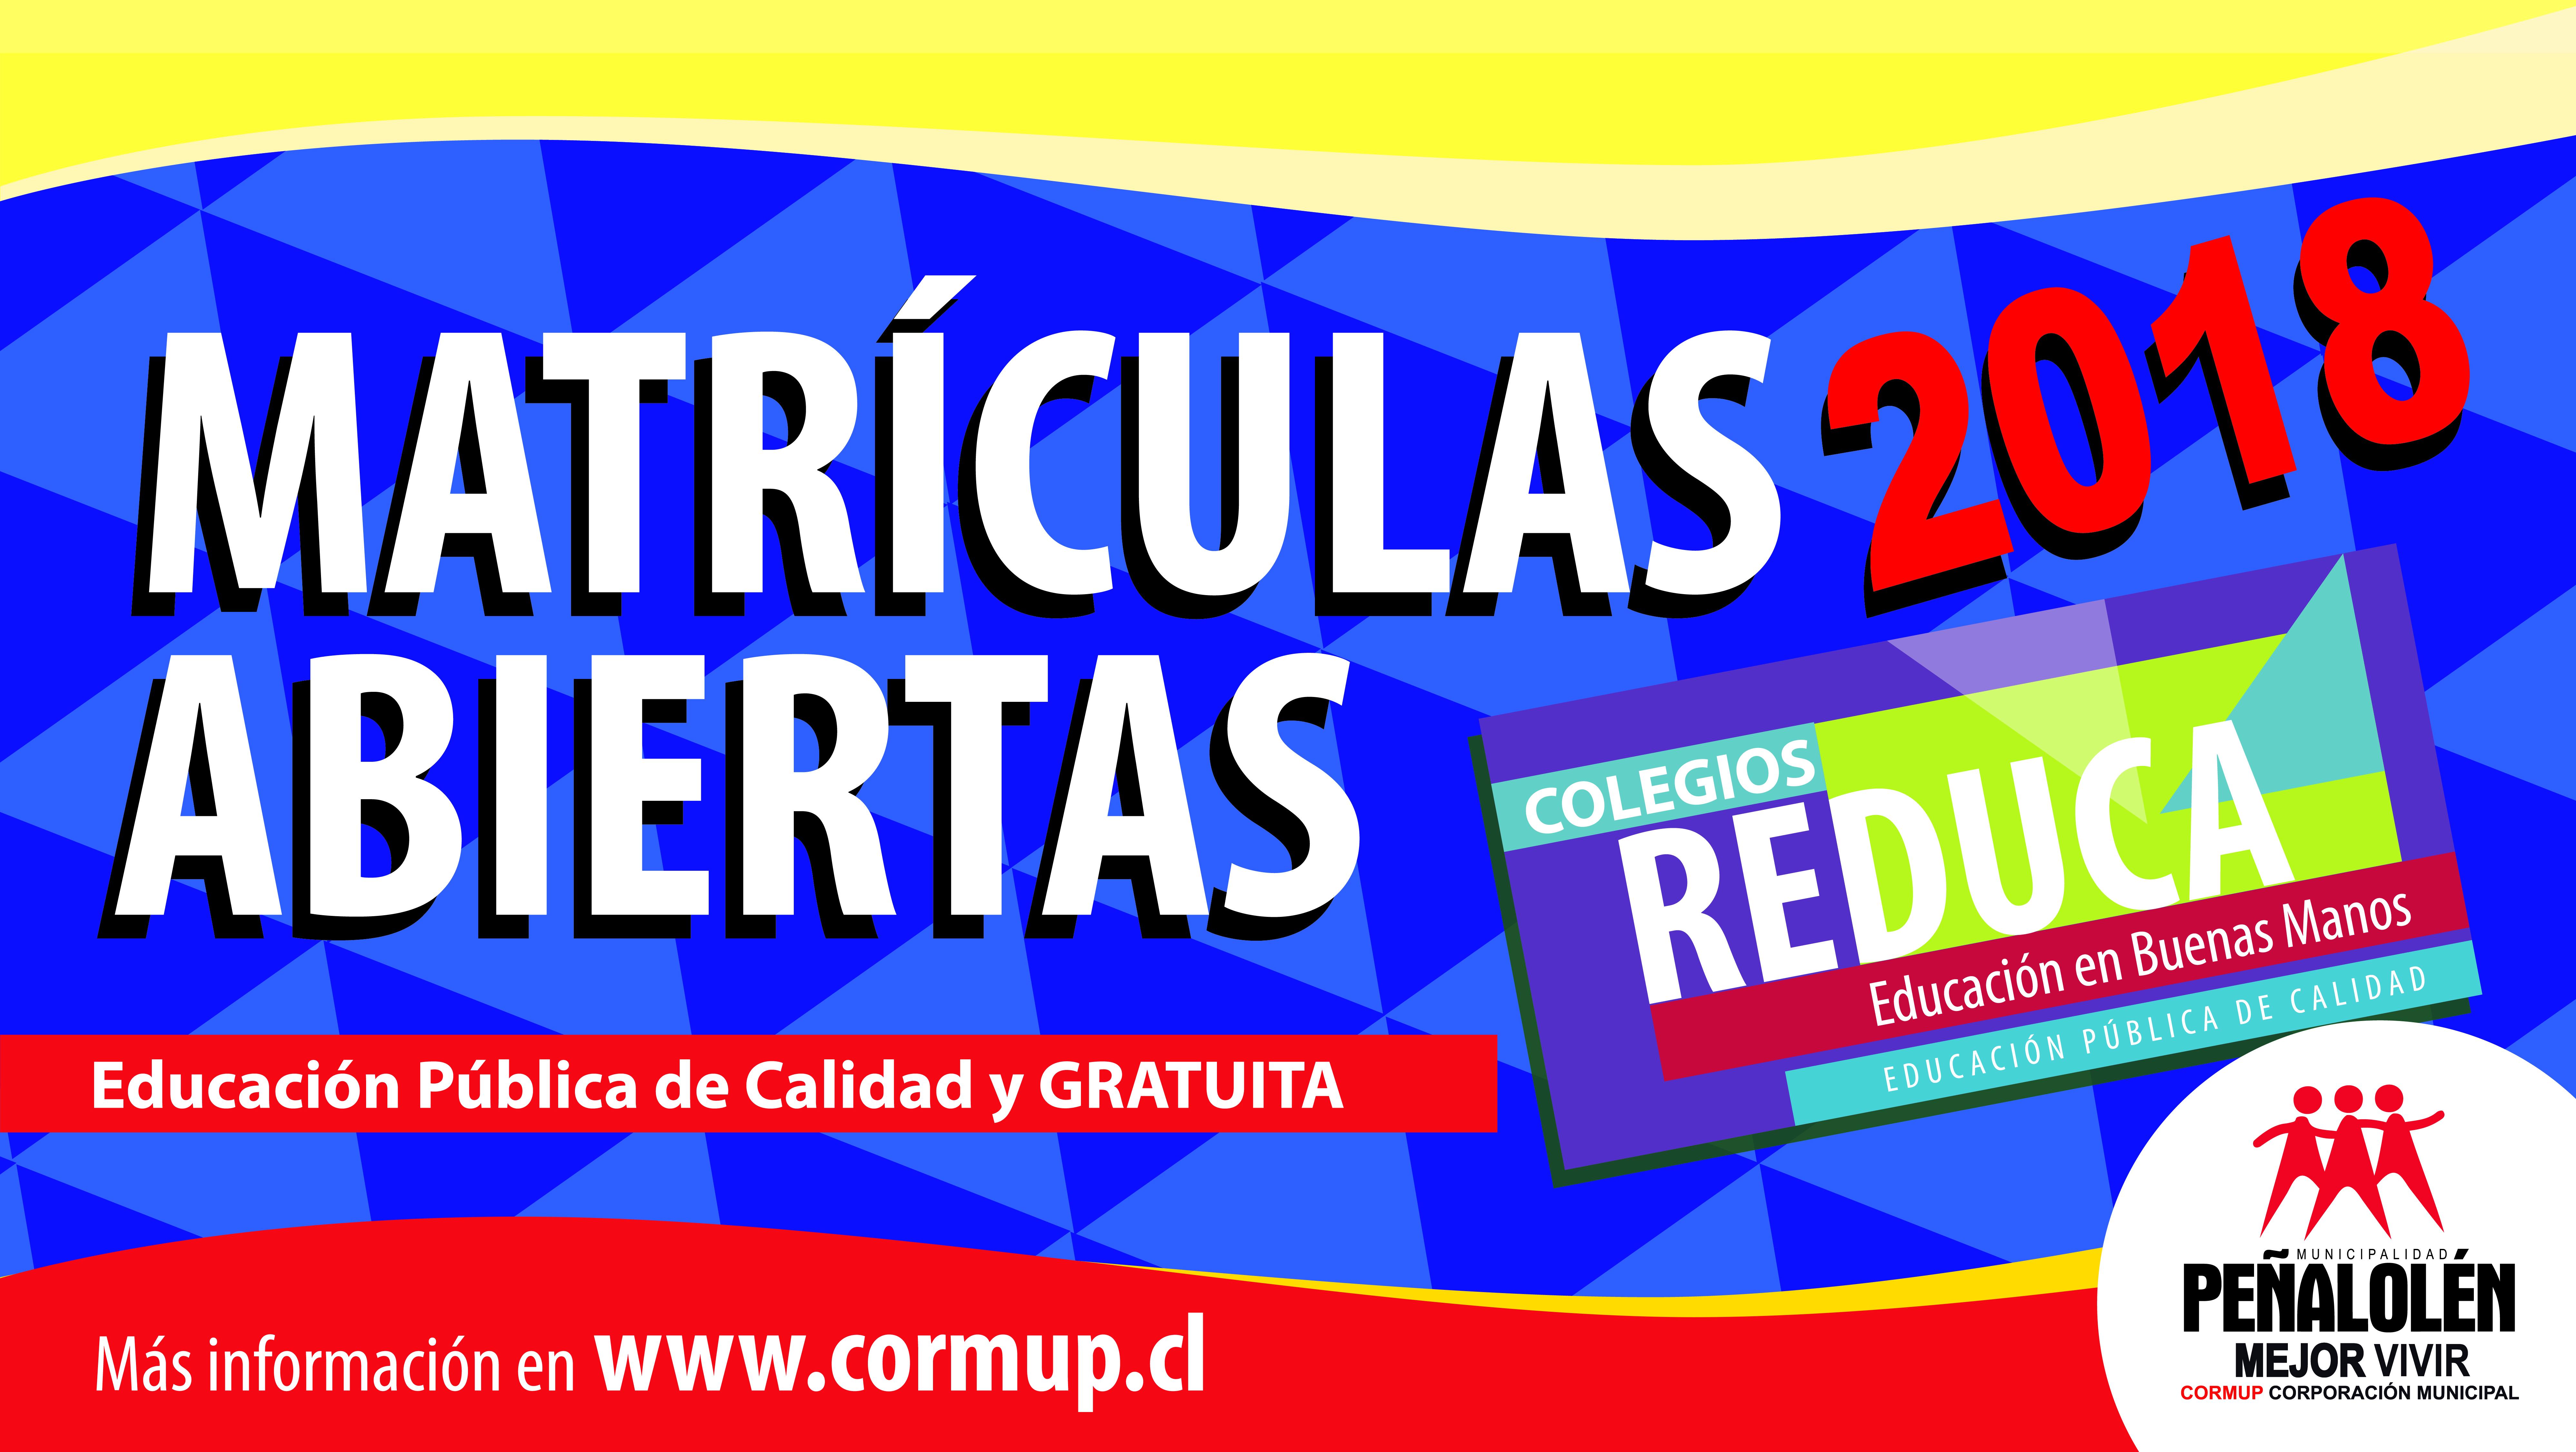 Matriculas-2018